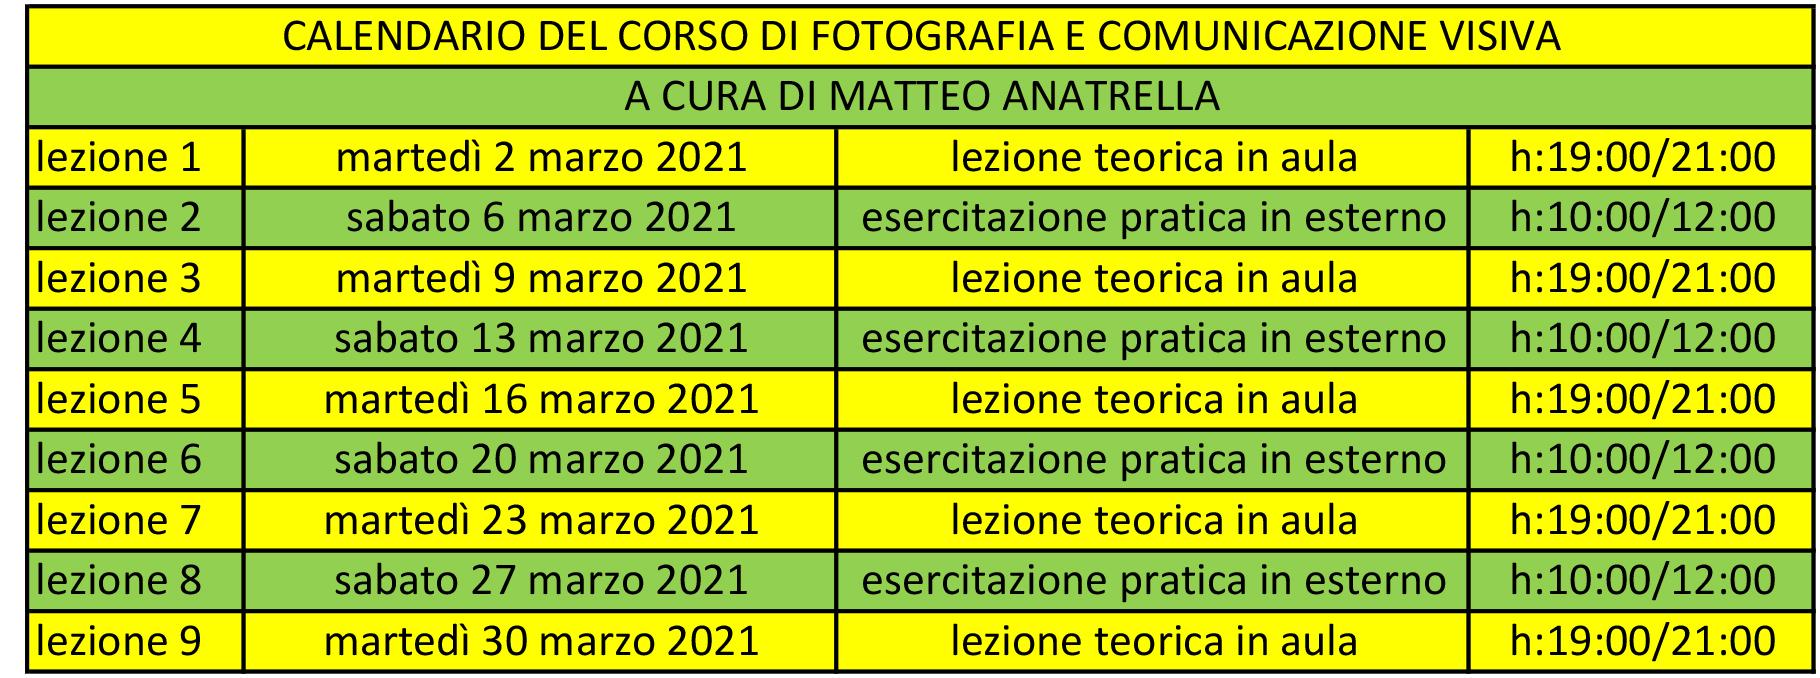 calendario corso di fotografia e comunicazione visiva